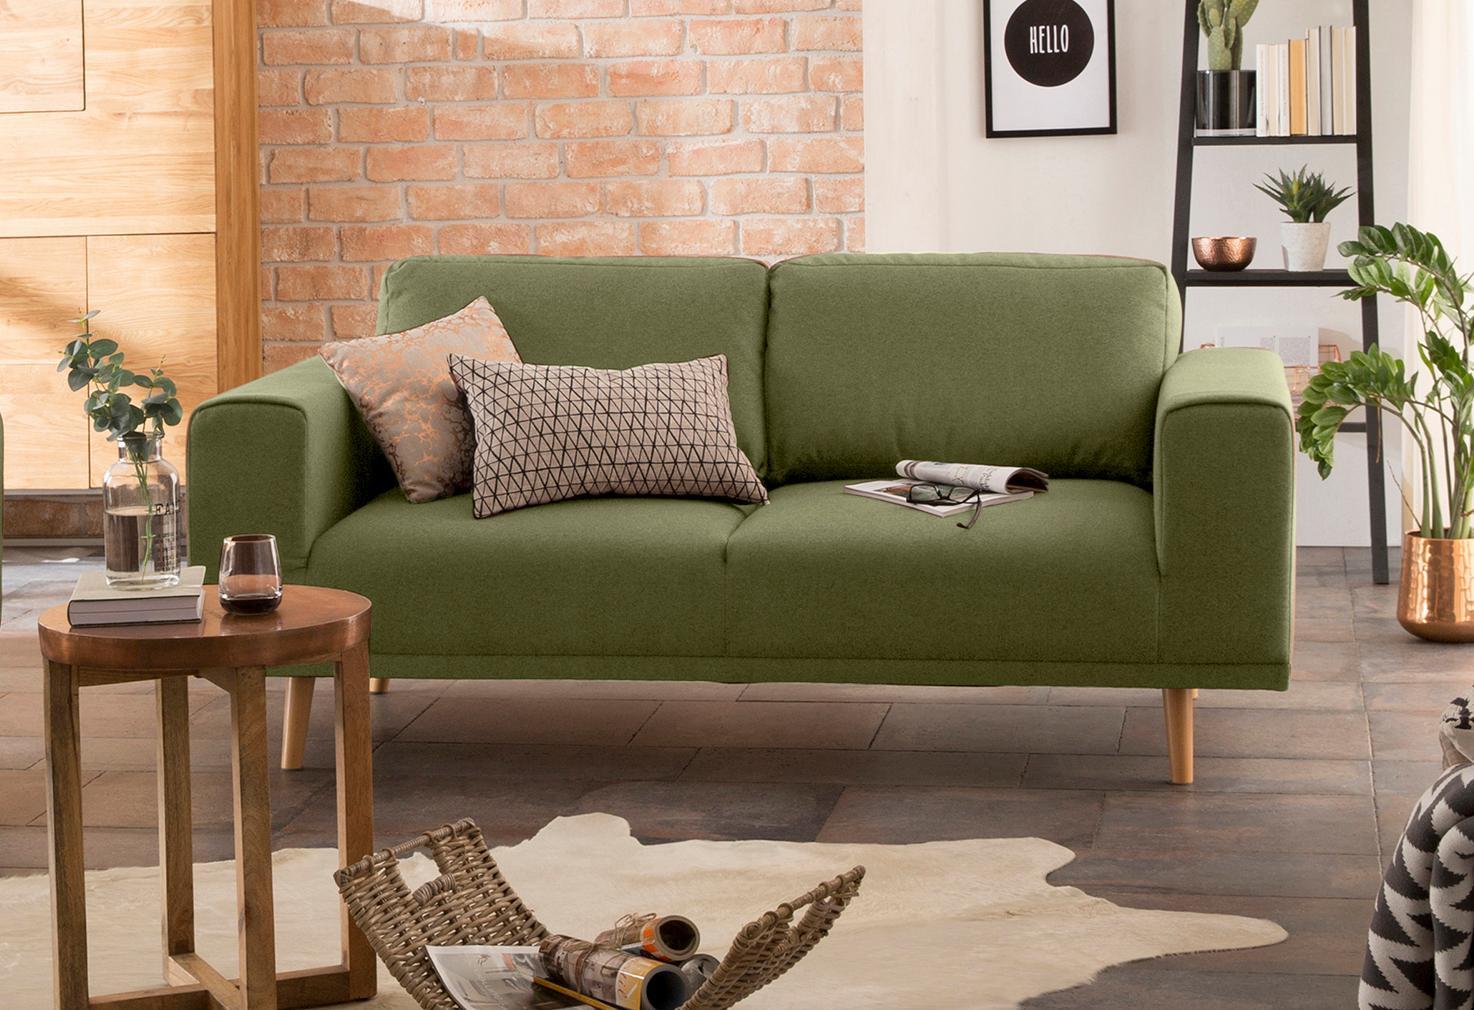 Home affaire 2-Sitzer »Lasse« im scandinavischem Stil mit Holzfüßen